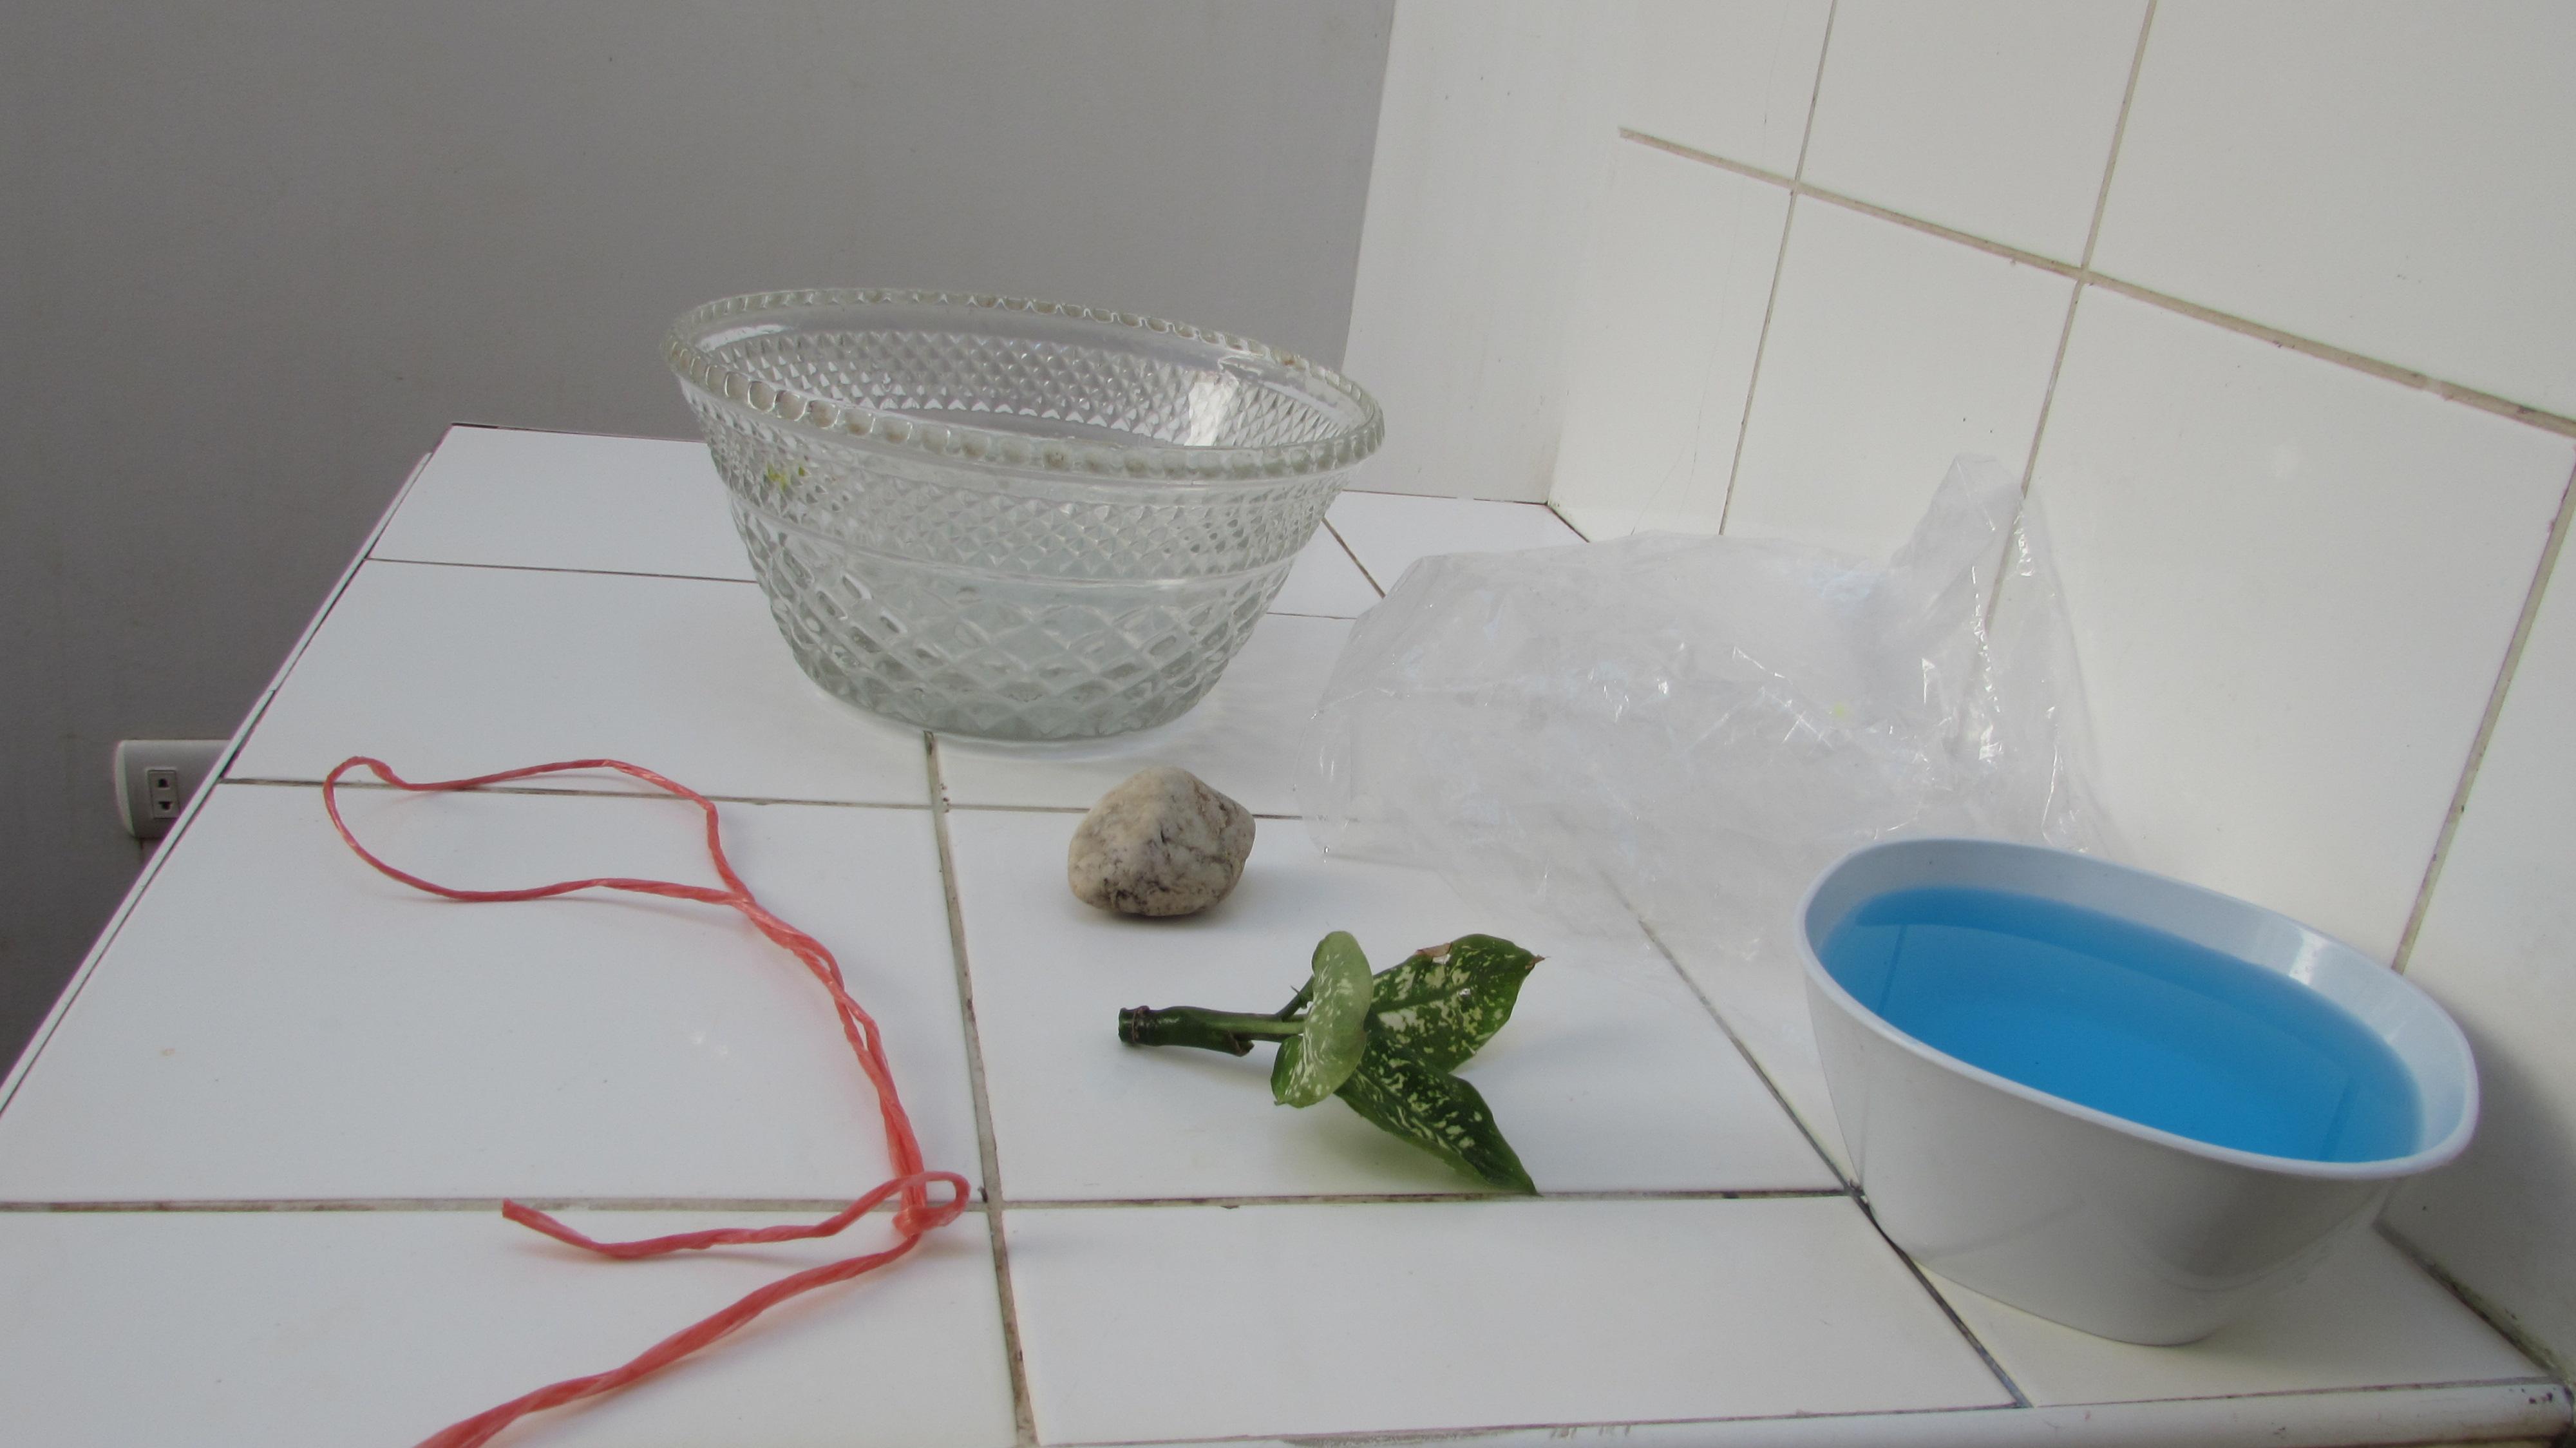 Ciclo del agua: experimento novedoso